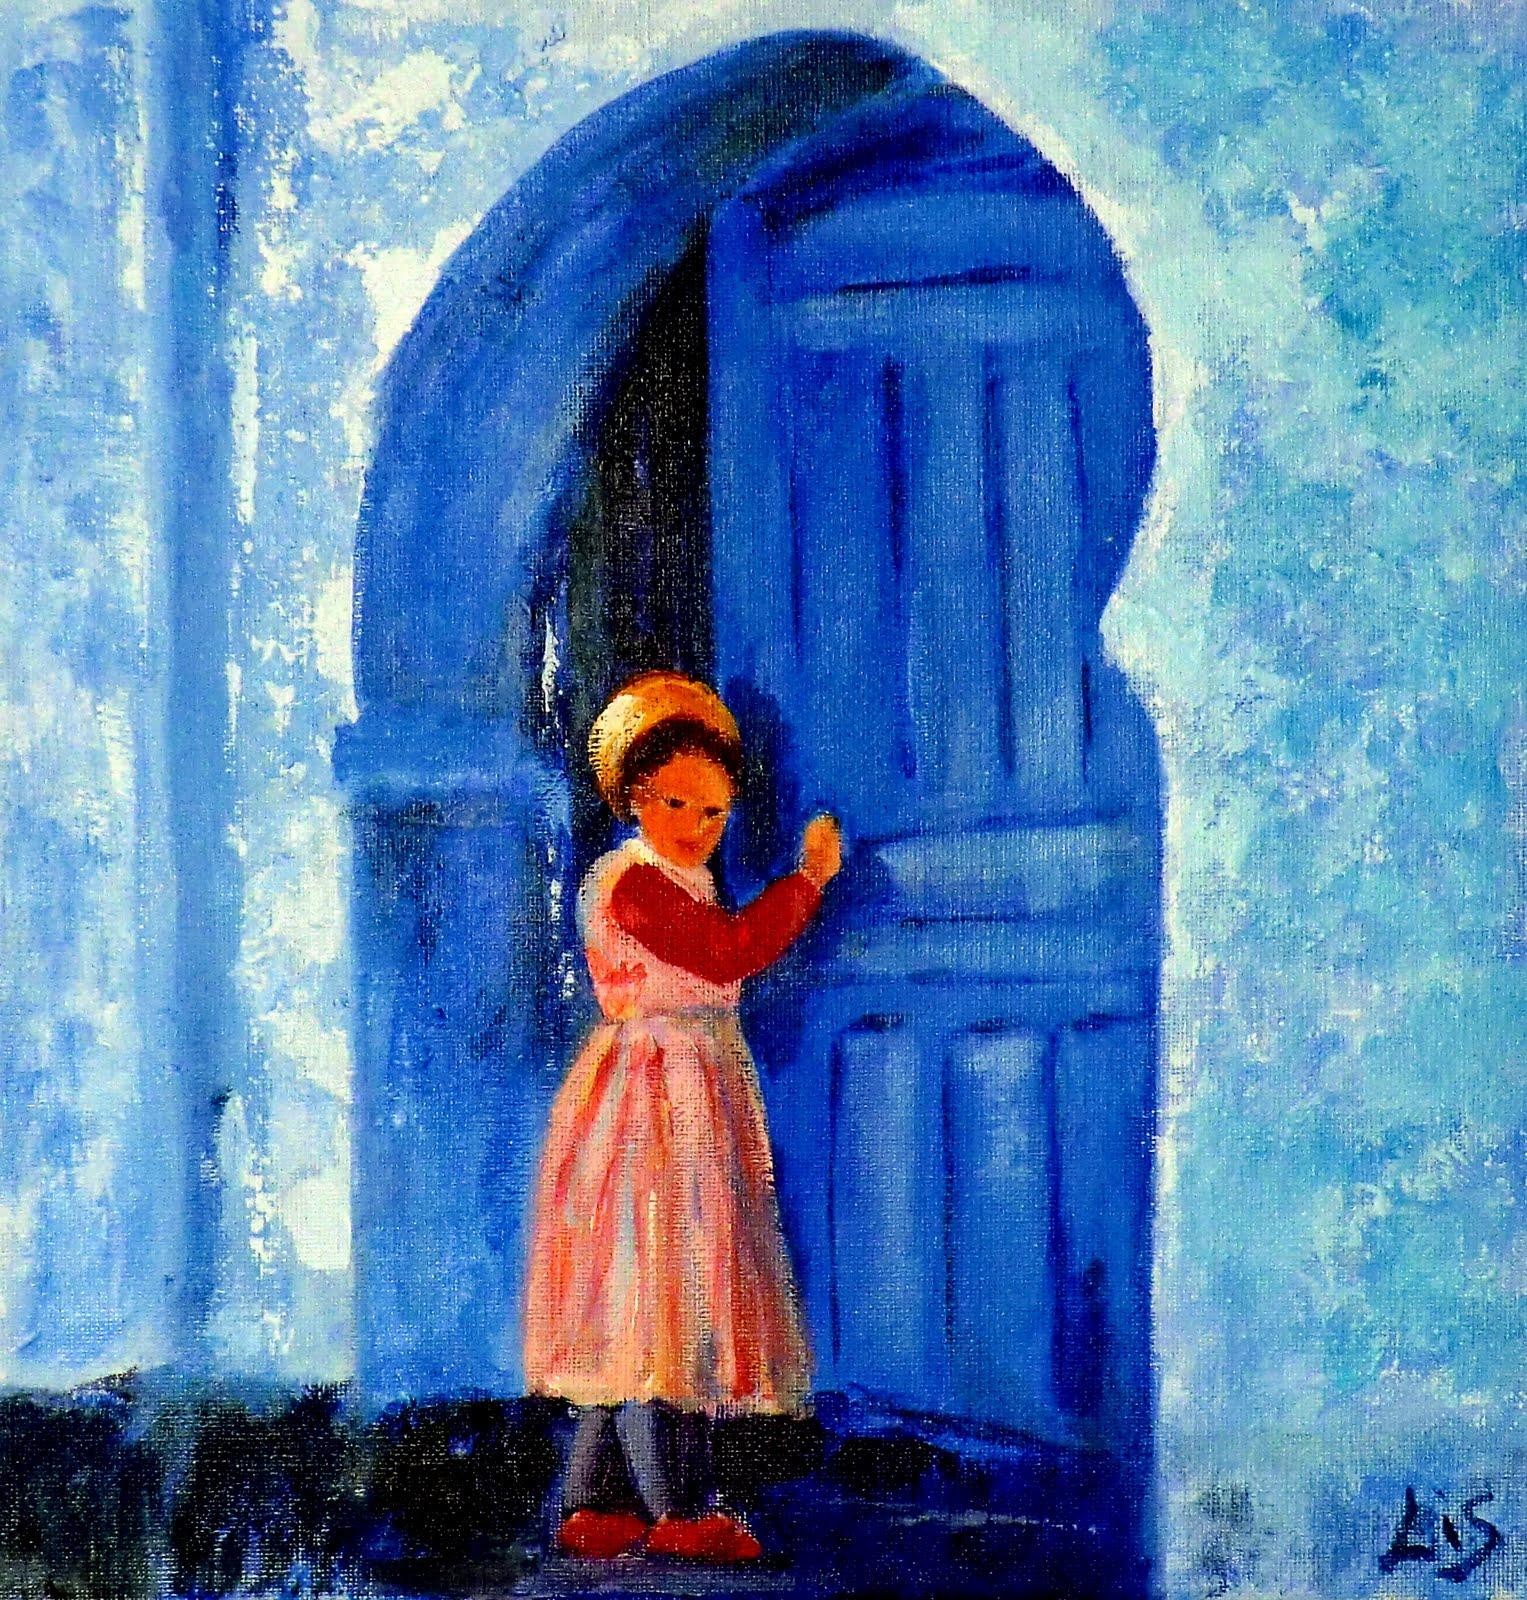 la nina abriendo la puerta de una casa arabe acrilico sobre lienzo ...